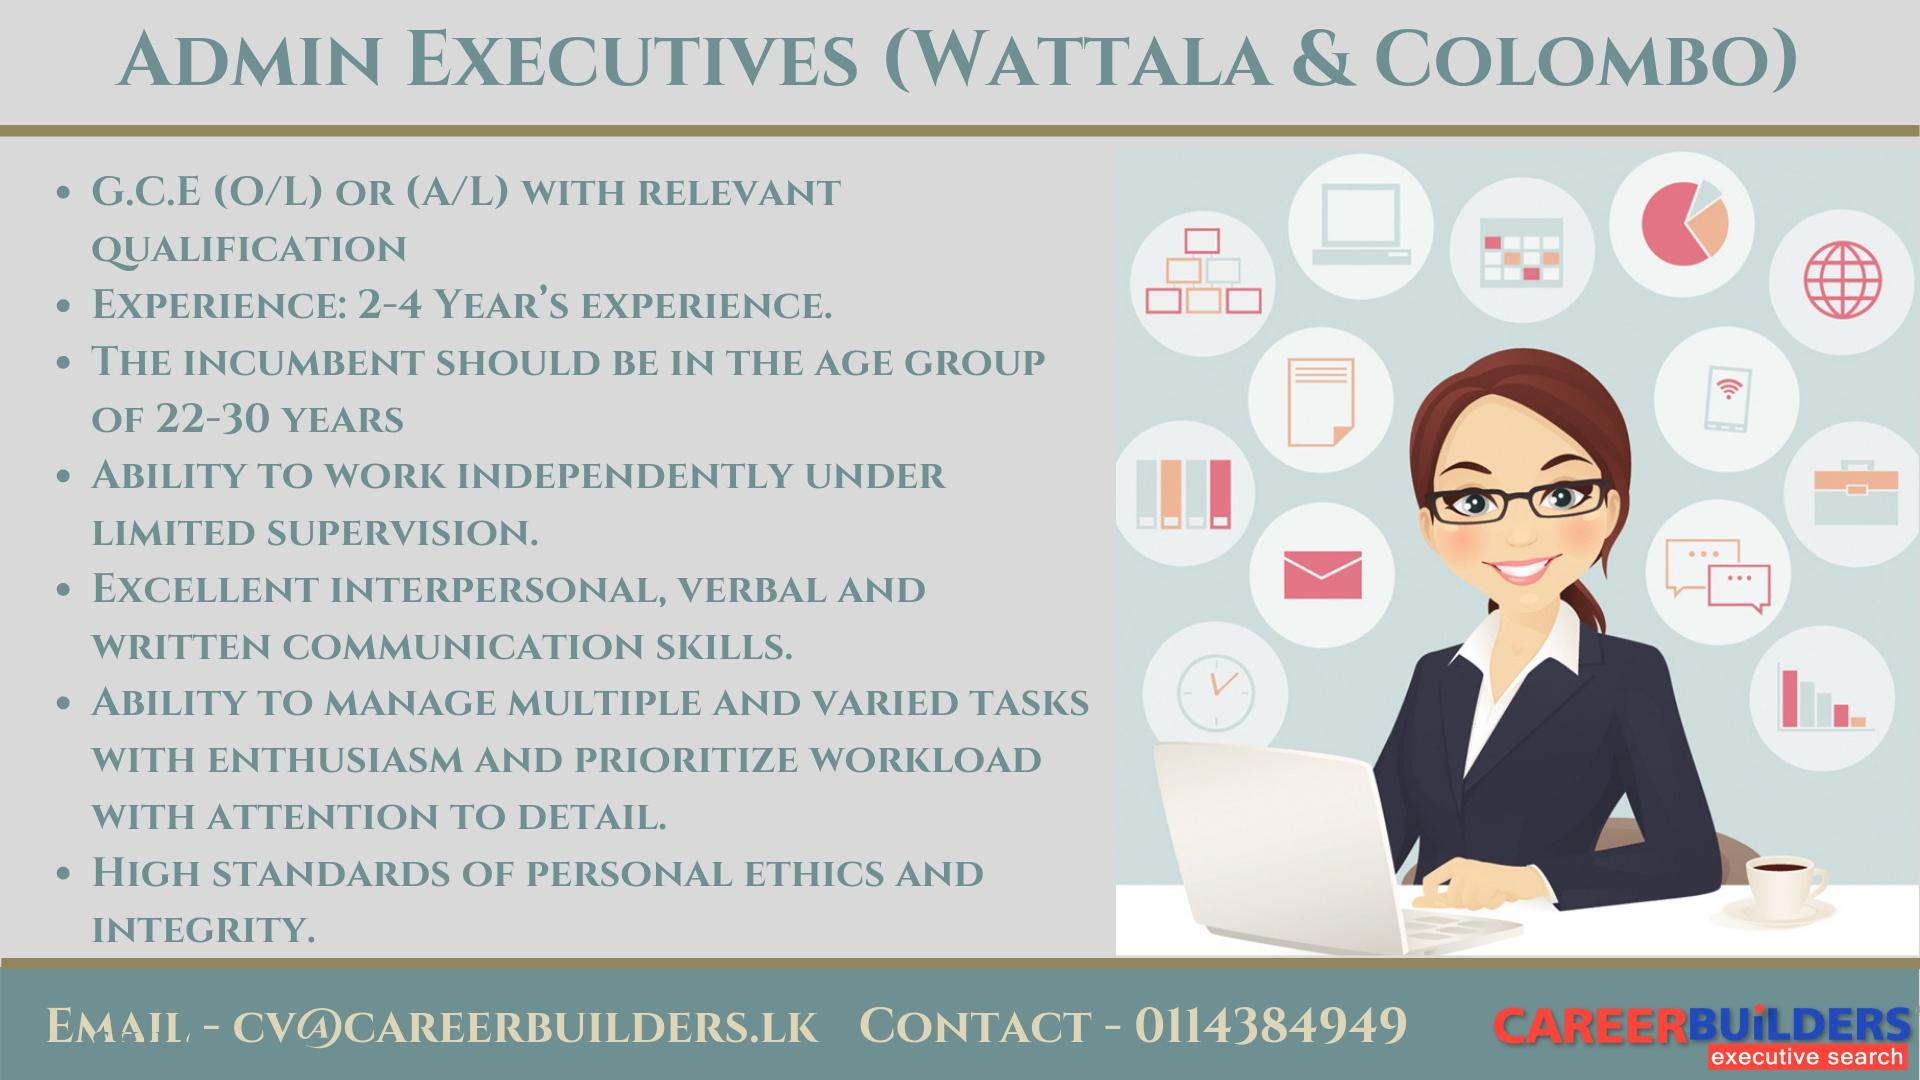 top jobs, job vacancies - Admin Executives (Wattala & Colombo) in Colombo